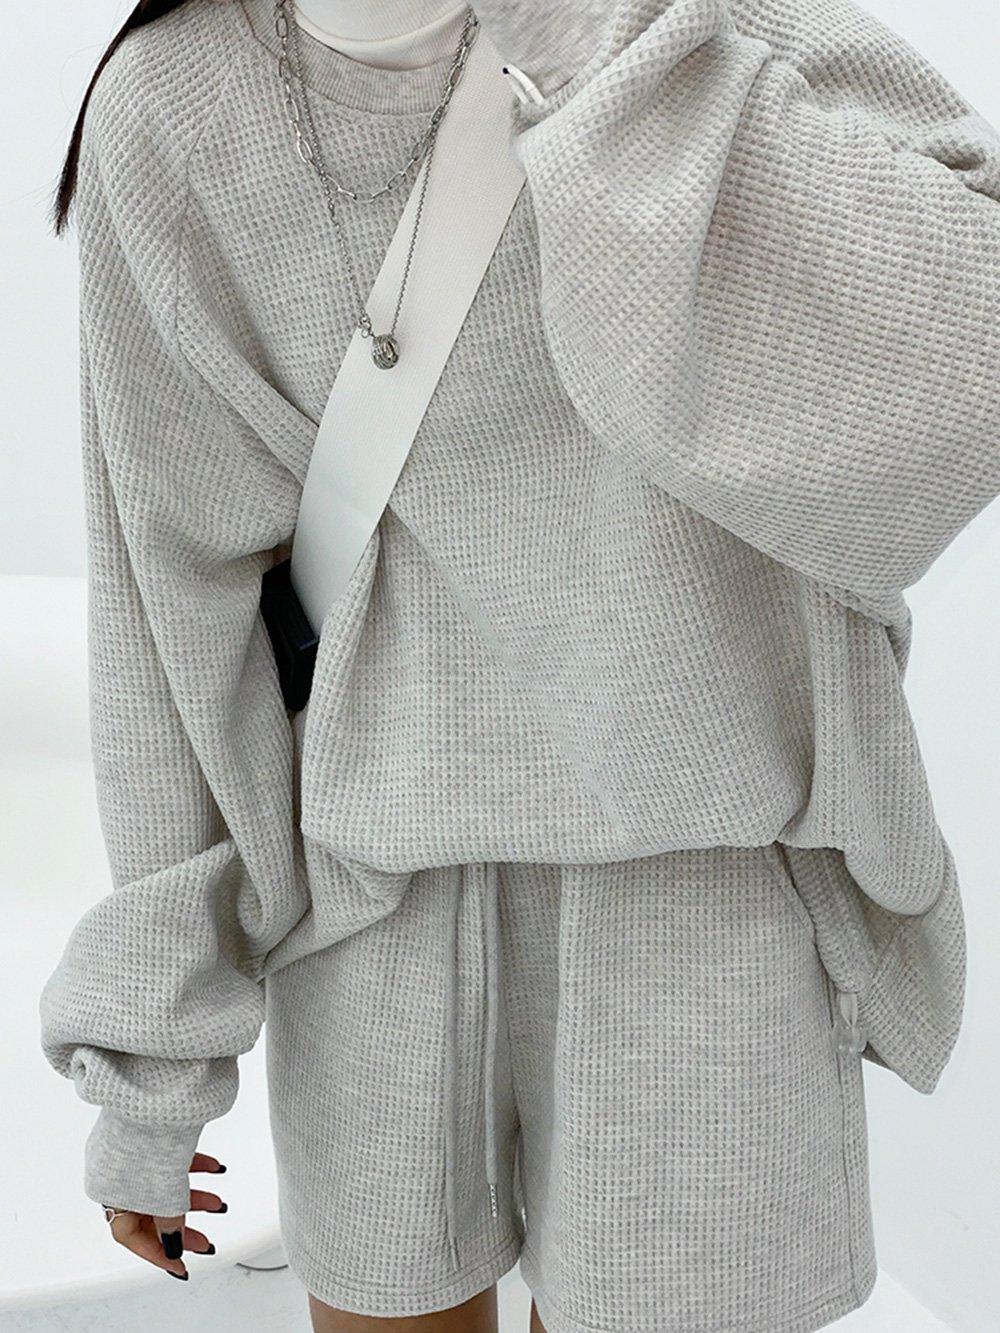 【広州仕入れ】無地セットアップ 長袖トップスショートパンツ